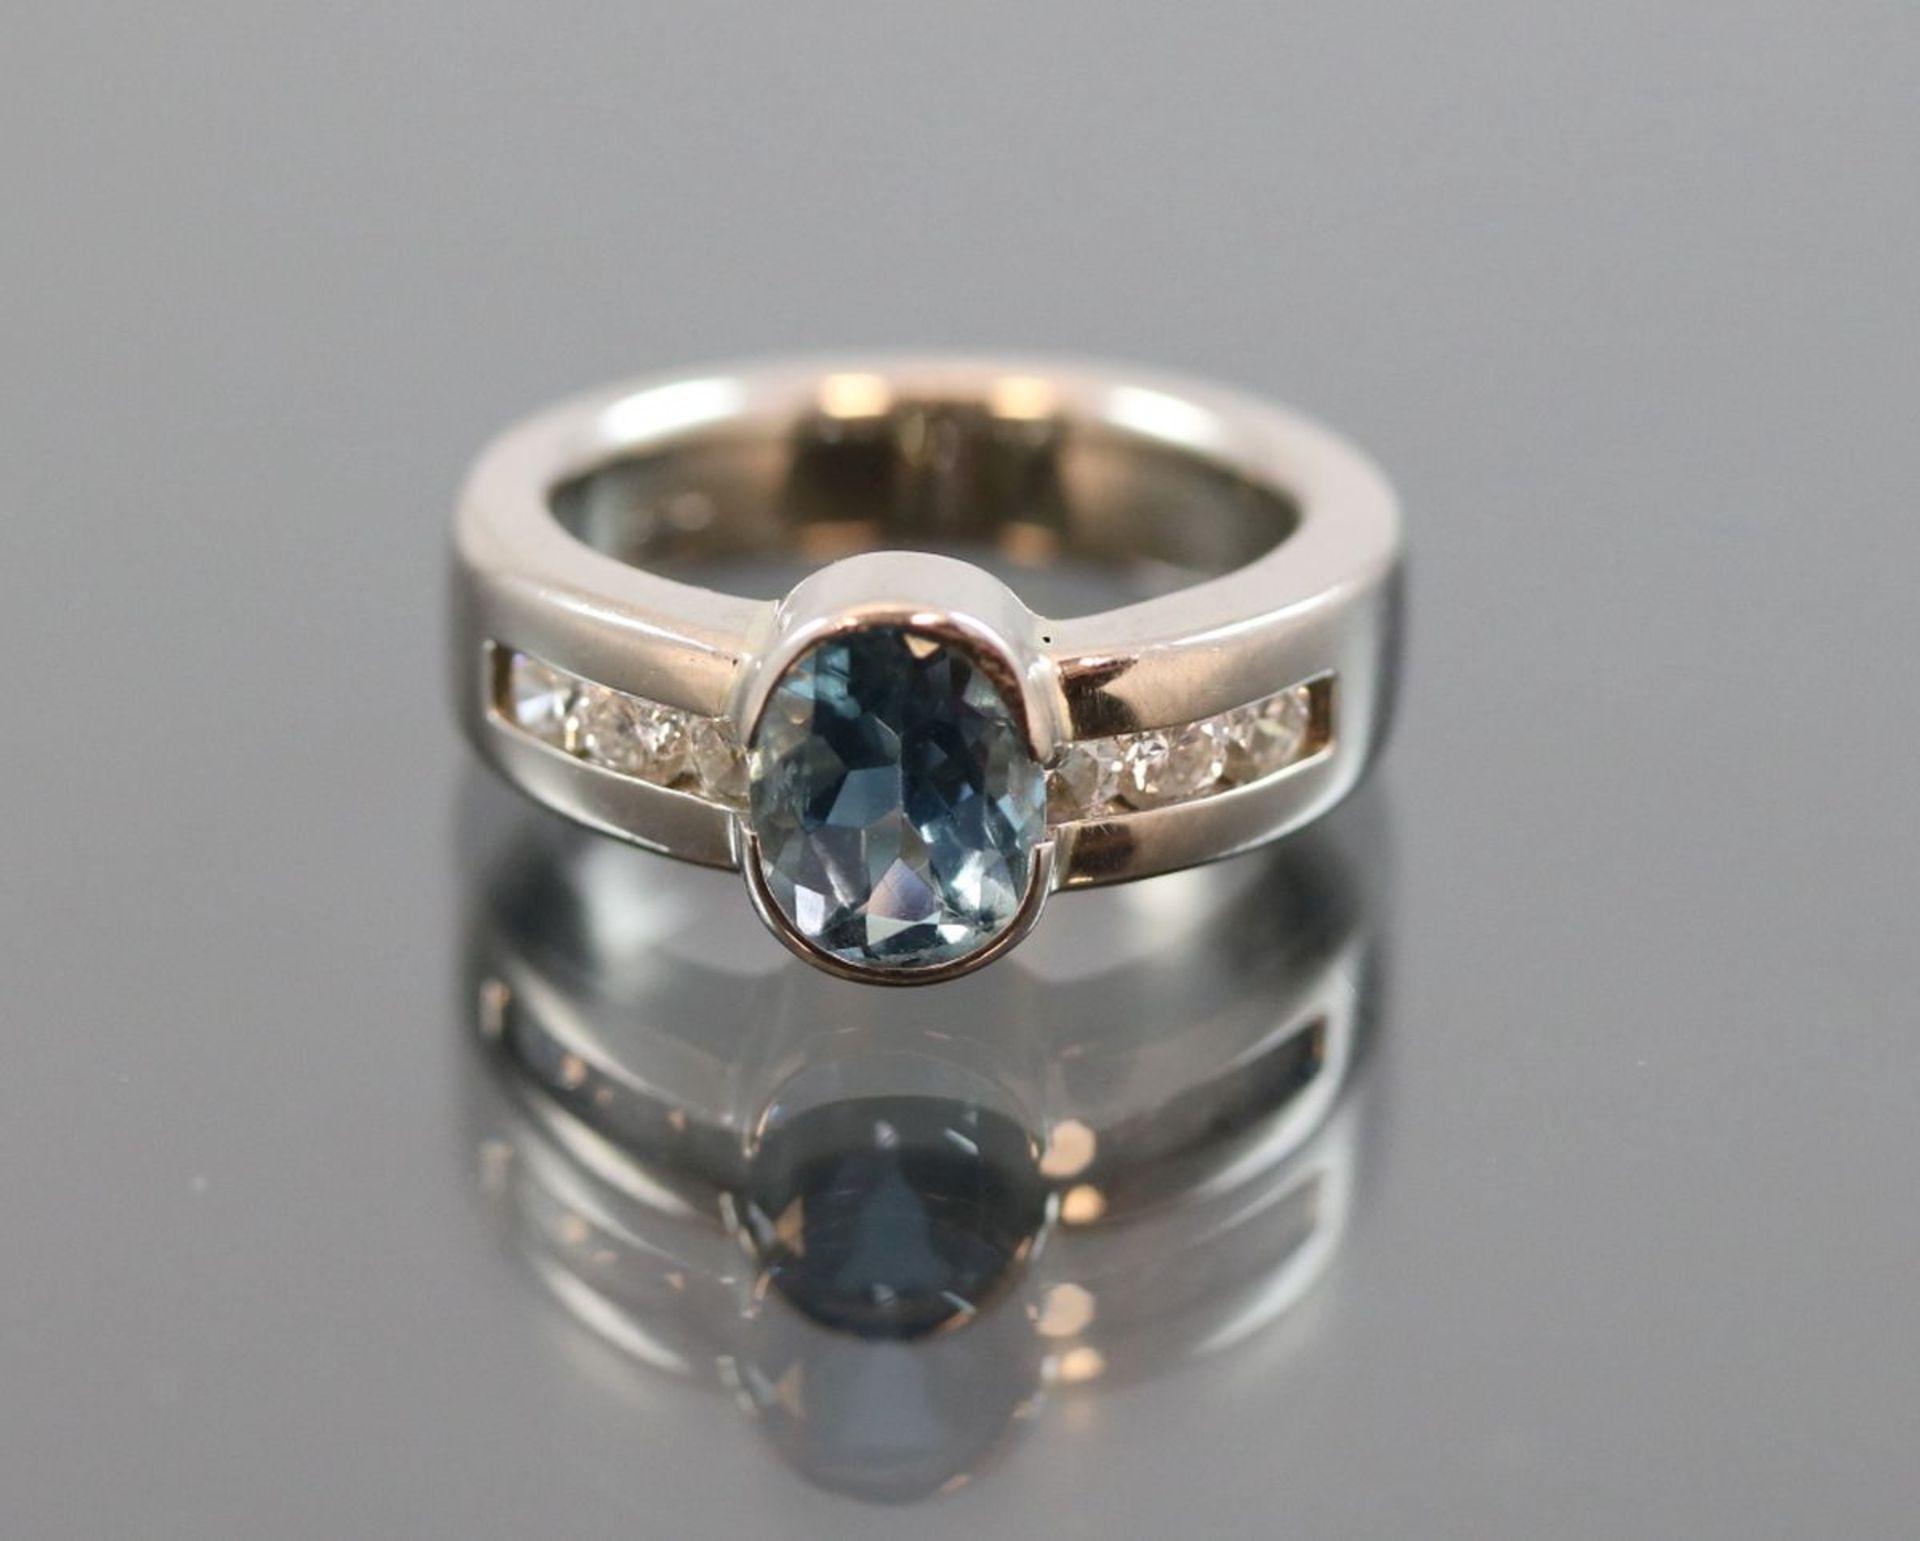 Aquamarin-Brillant-Ring, 585 Weißgold8,50 Gramm 6 Brillanten, 0,42 ct., tw/vsi. Ringgröße: